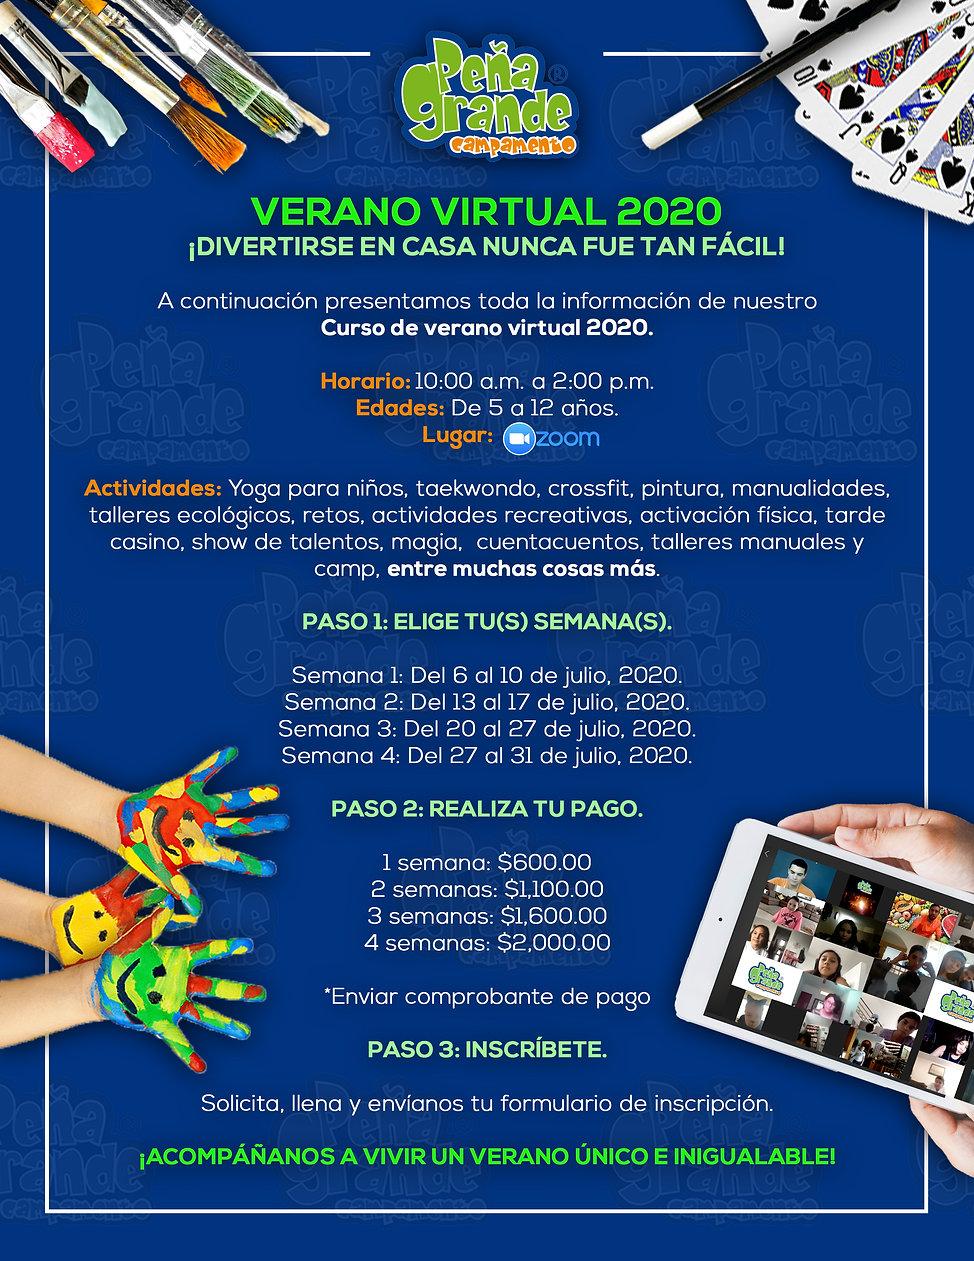 Verano virtual PG Mex 1.jpg